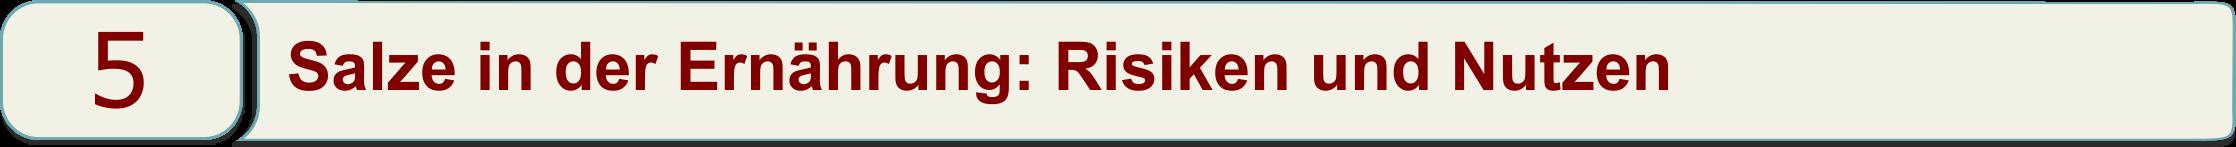 Salze in der Ernährung: Risiken und Nutzen